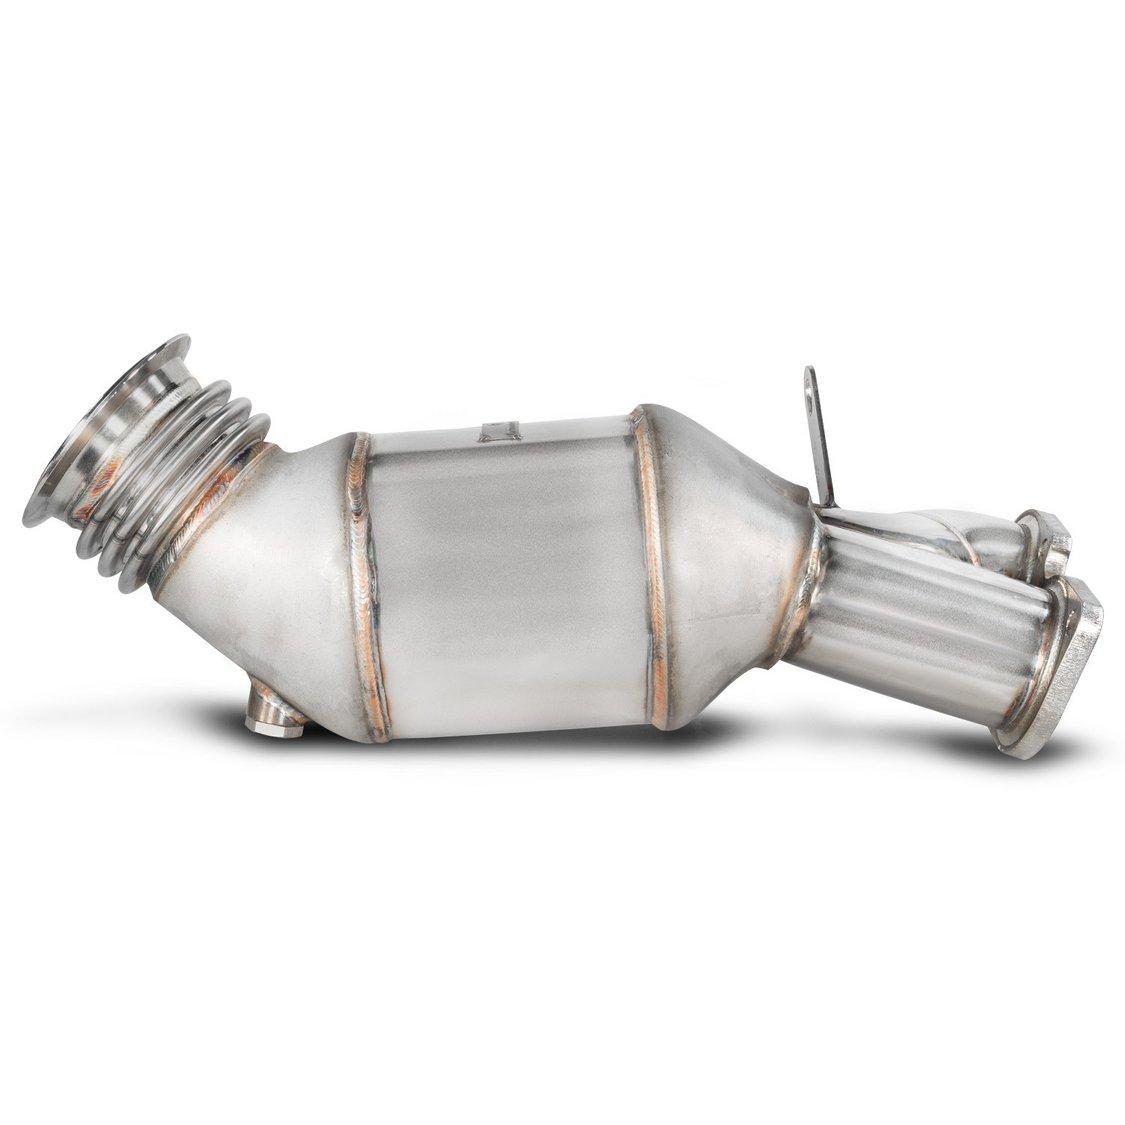 Hosenrohr Kit BMW E82 E90 N55 Motor ohne Kat - WAGNERTUNING